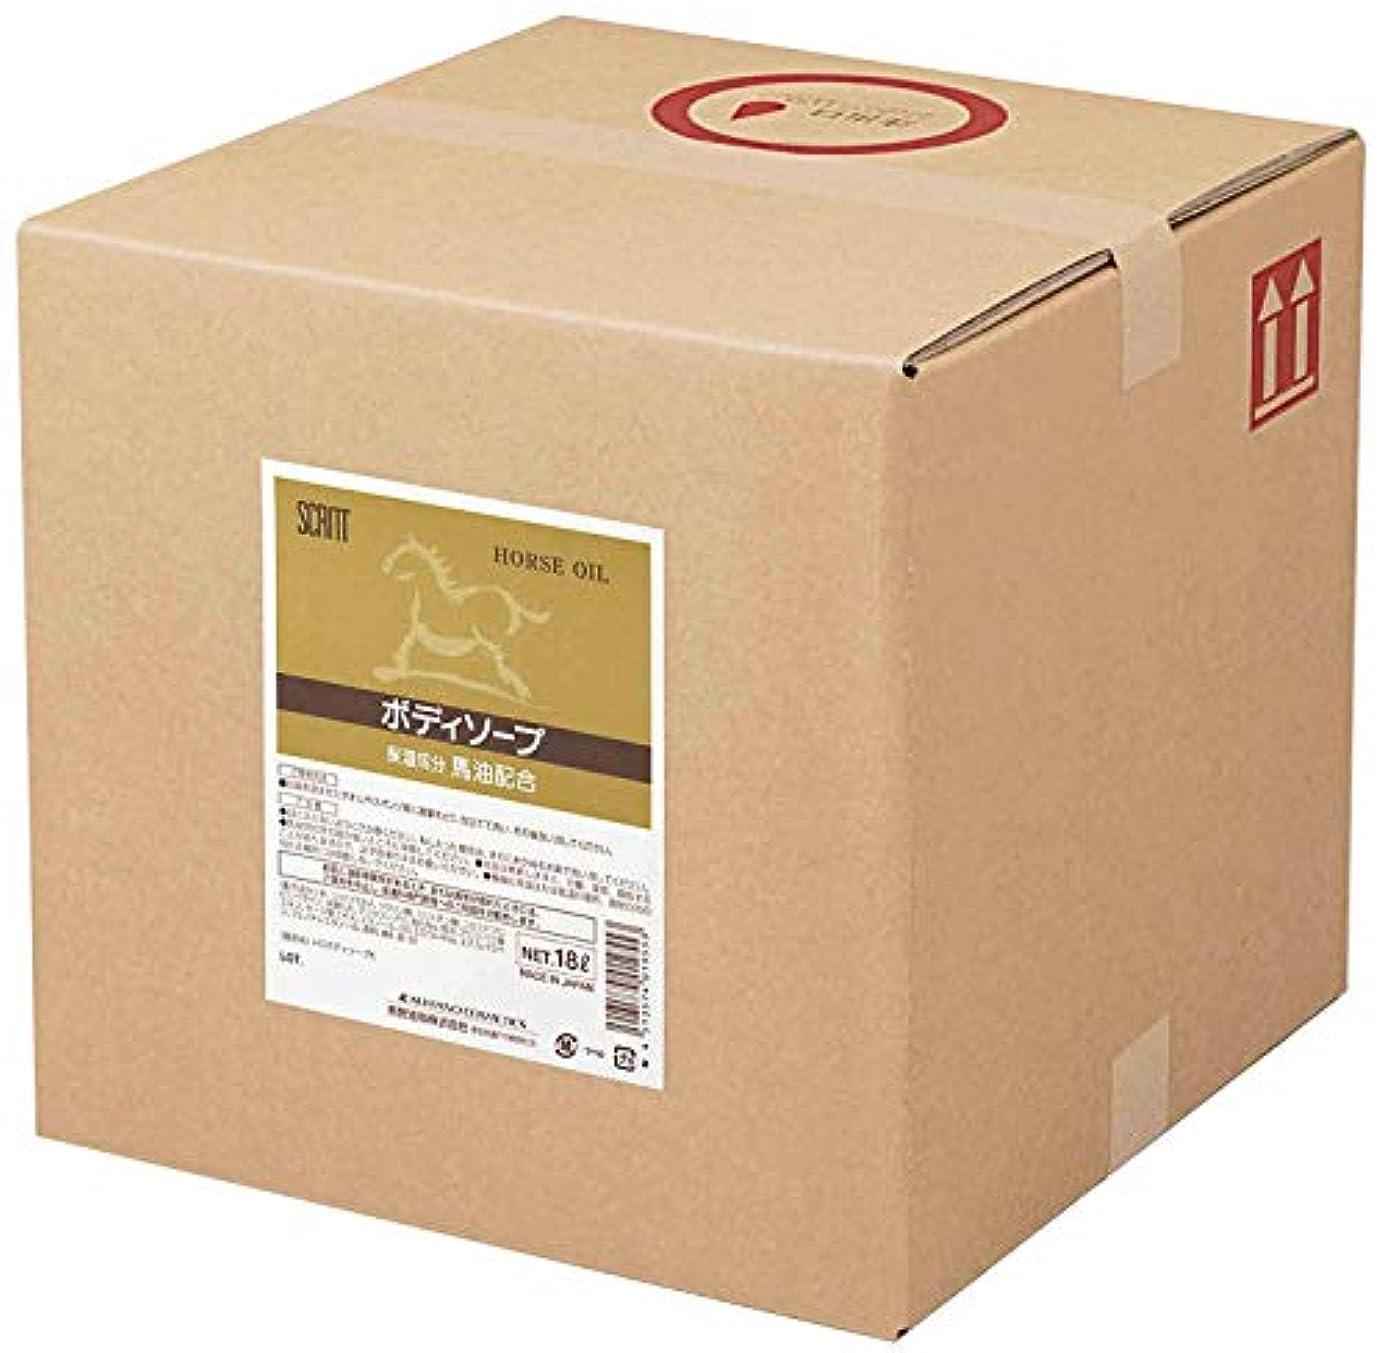 コア通り共役業務用 SCRITT(スクリット) 馬油ボディソープ 18L 熊野油脂 (コック付き)